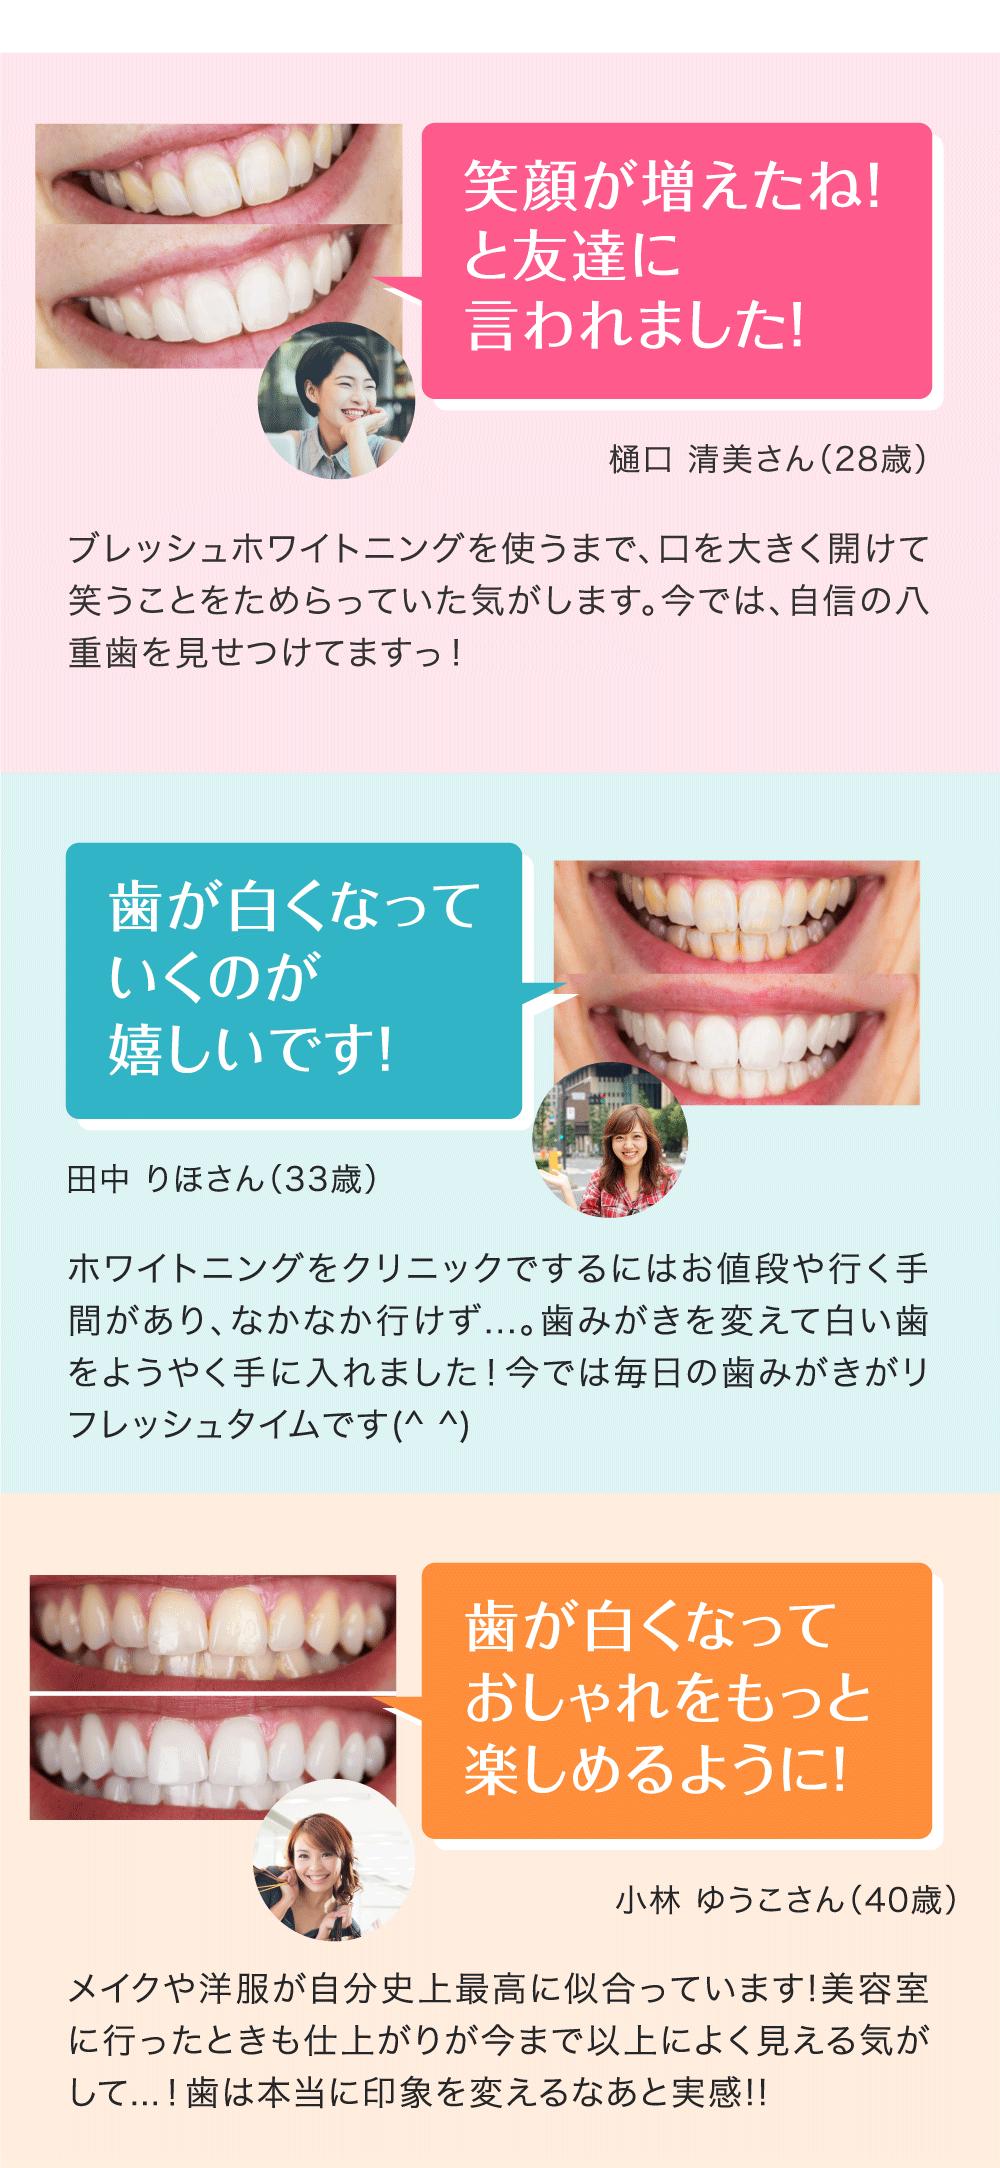 笑顔が増えたね!と友達に言われました!歯が白くなっていくのが嬉しいです!歯が白くなっておしゃれをもっと楽しめるように!